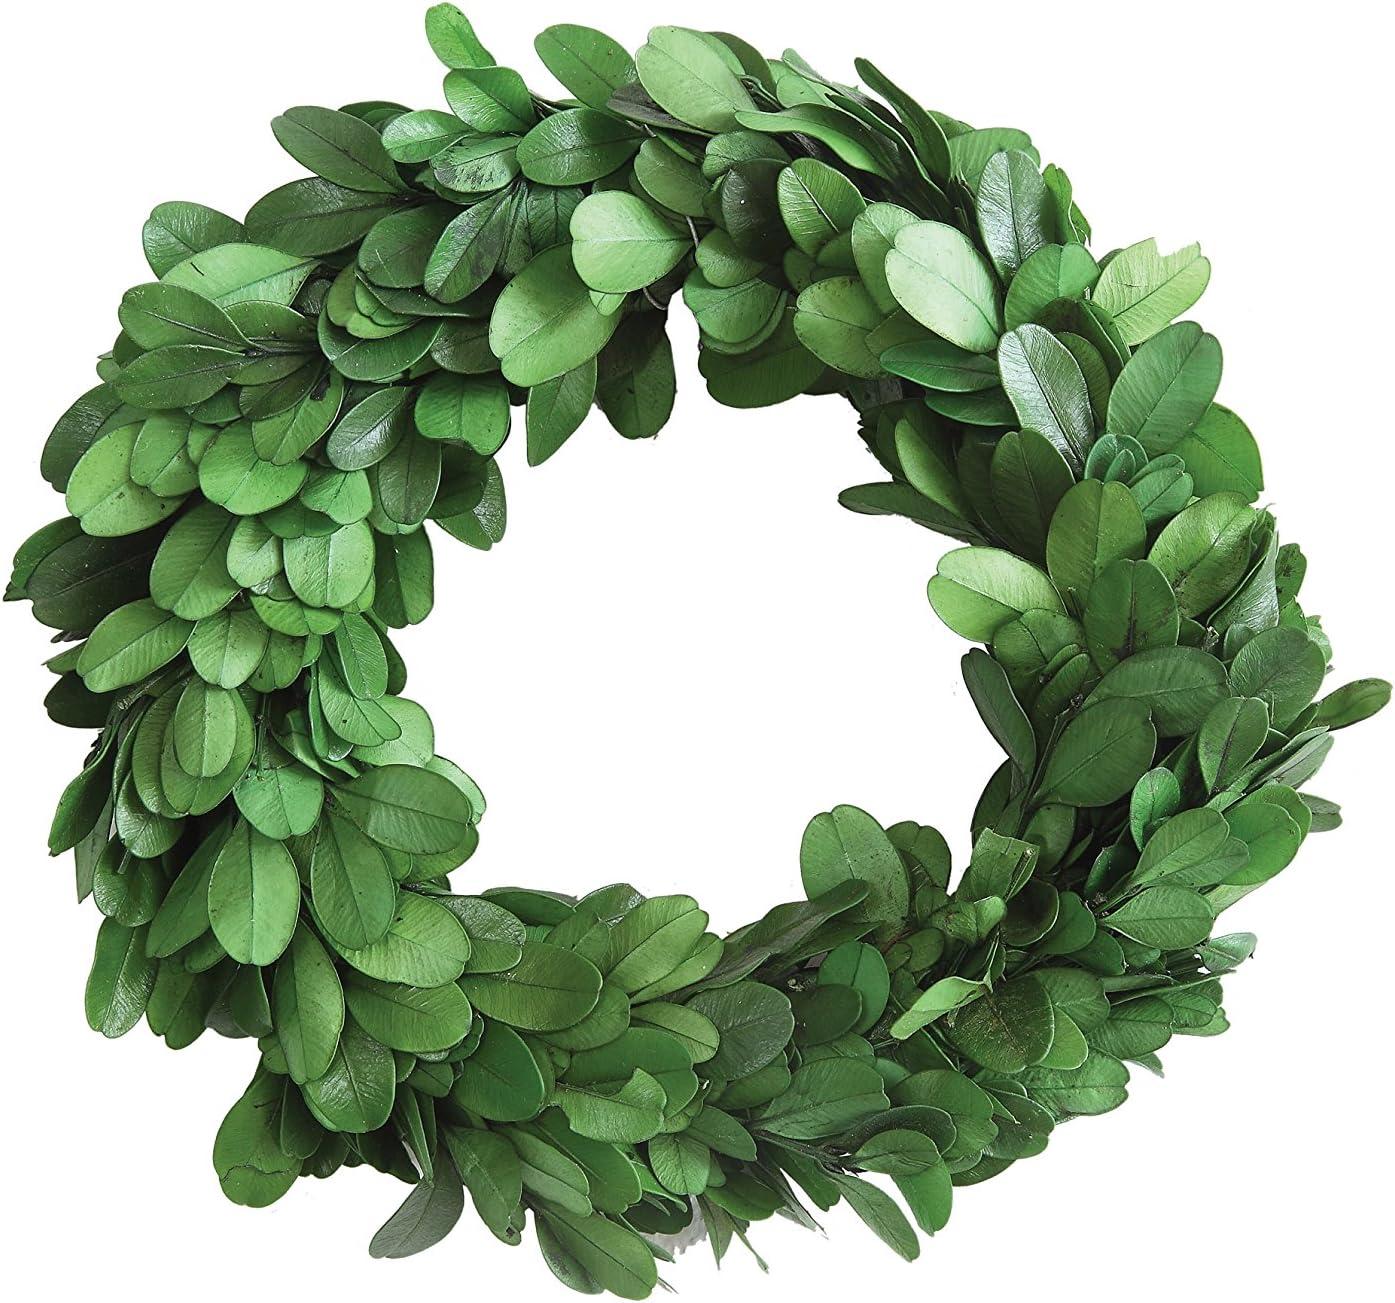 Fall Wheat Seeding Boxwood Mini Wreath or Candle Wreath Centerpiece